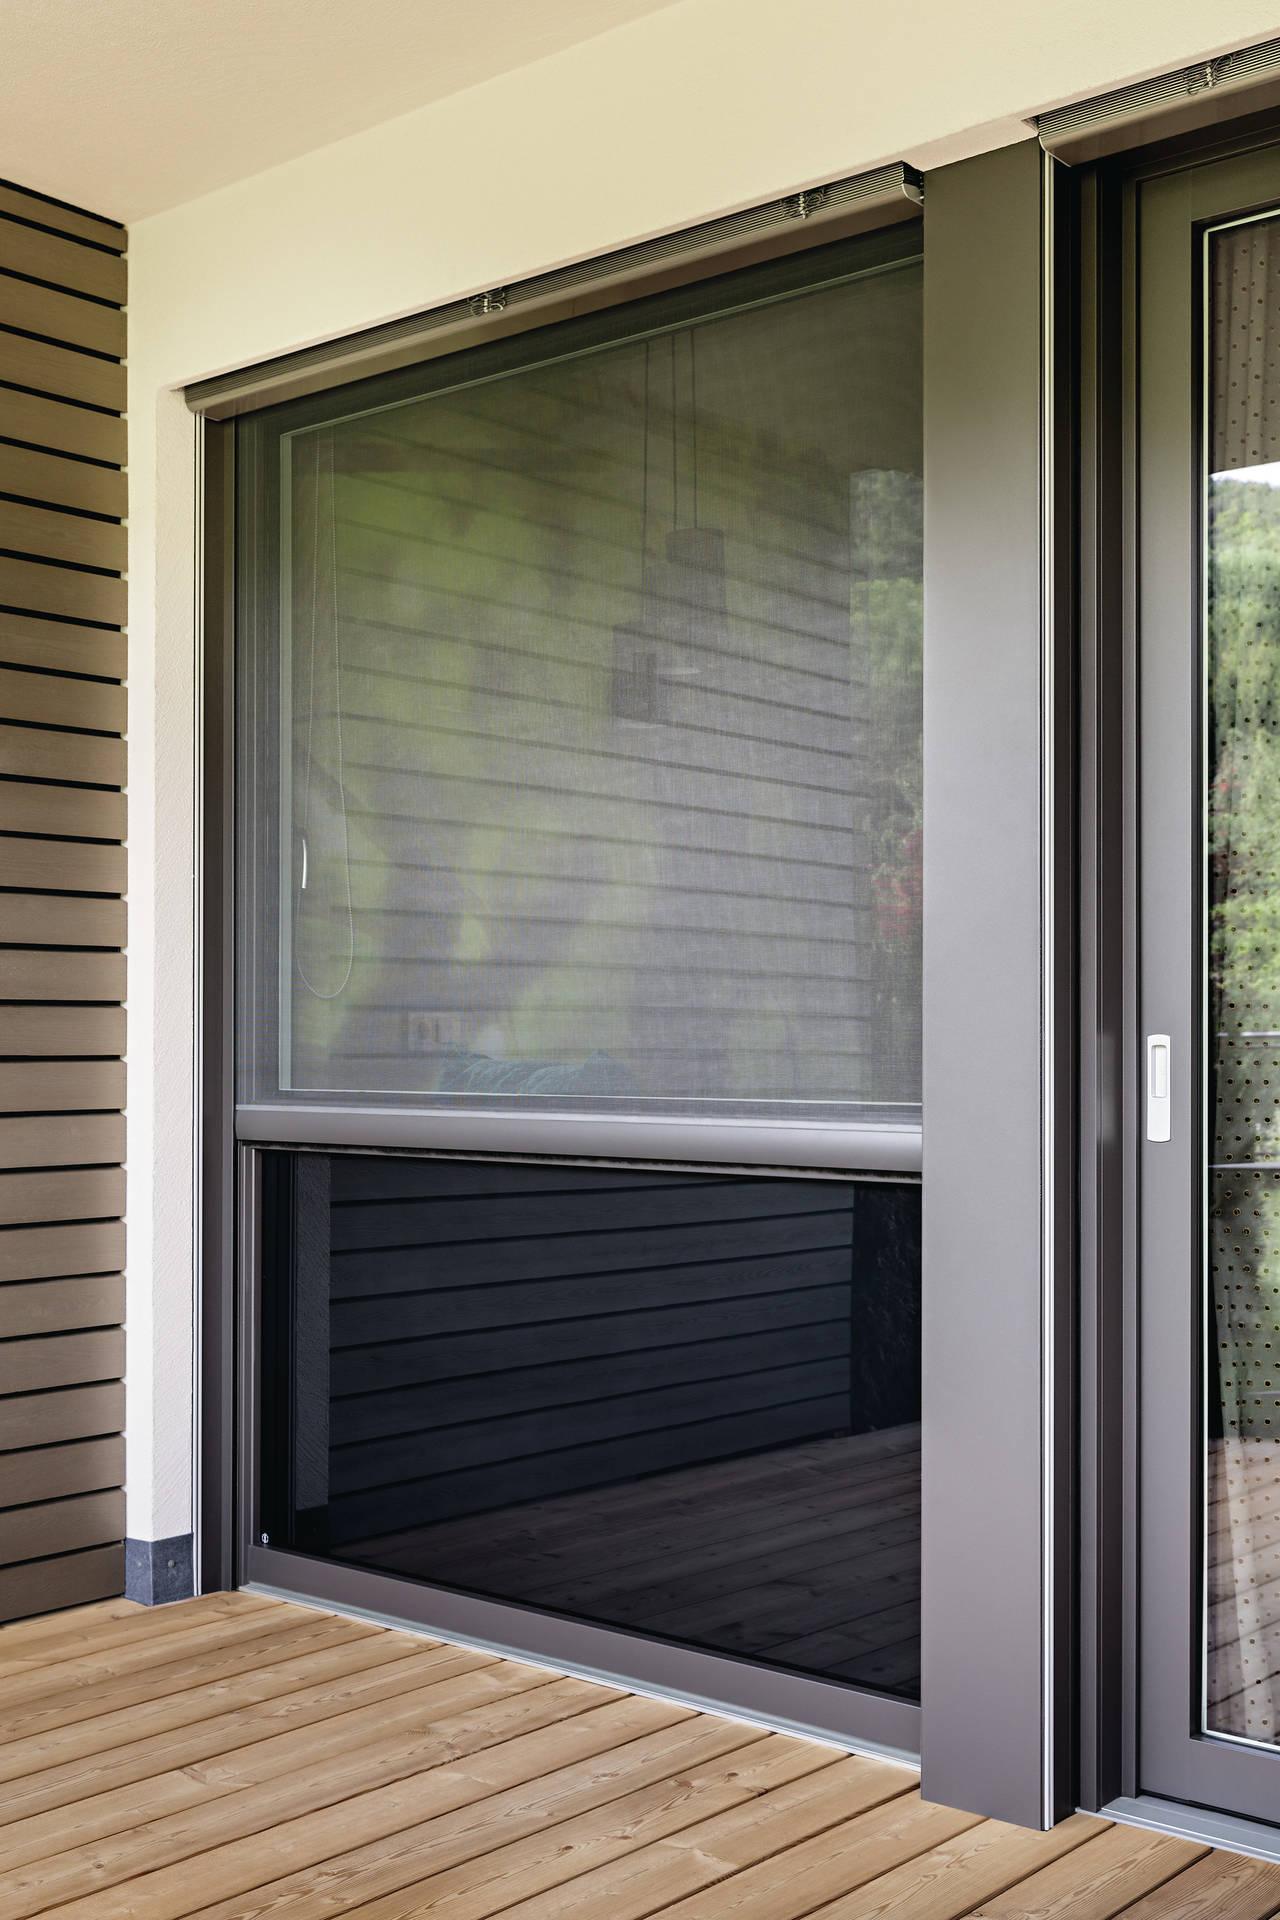 Zanzariere finstral modelli in tinta con il serramento for Zanzariere per finestre ikea